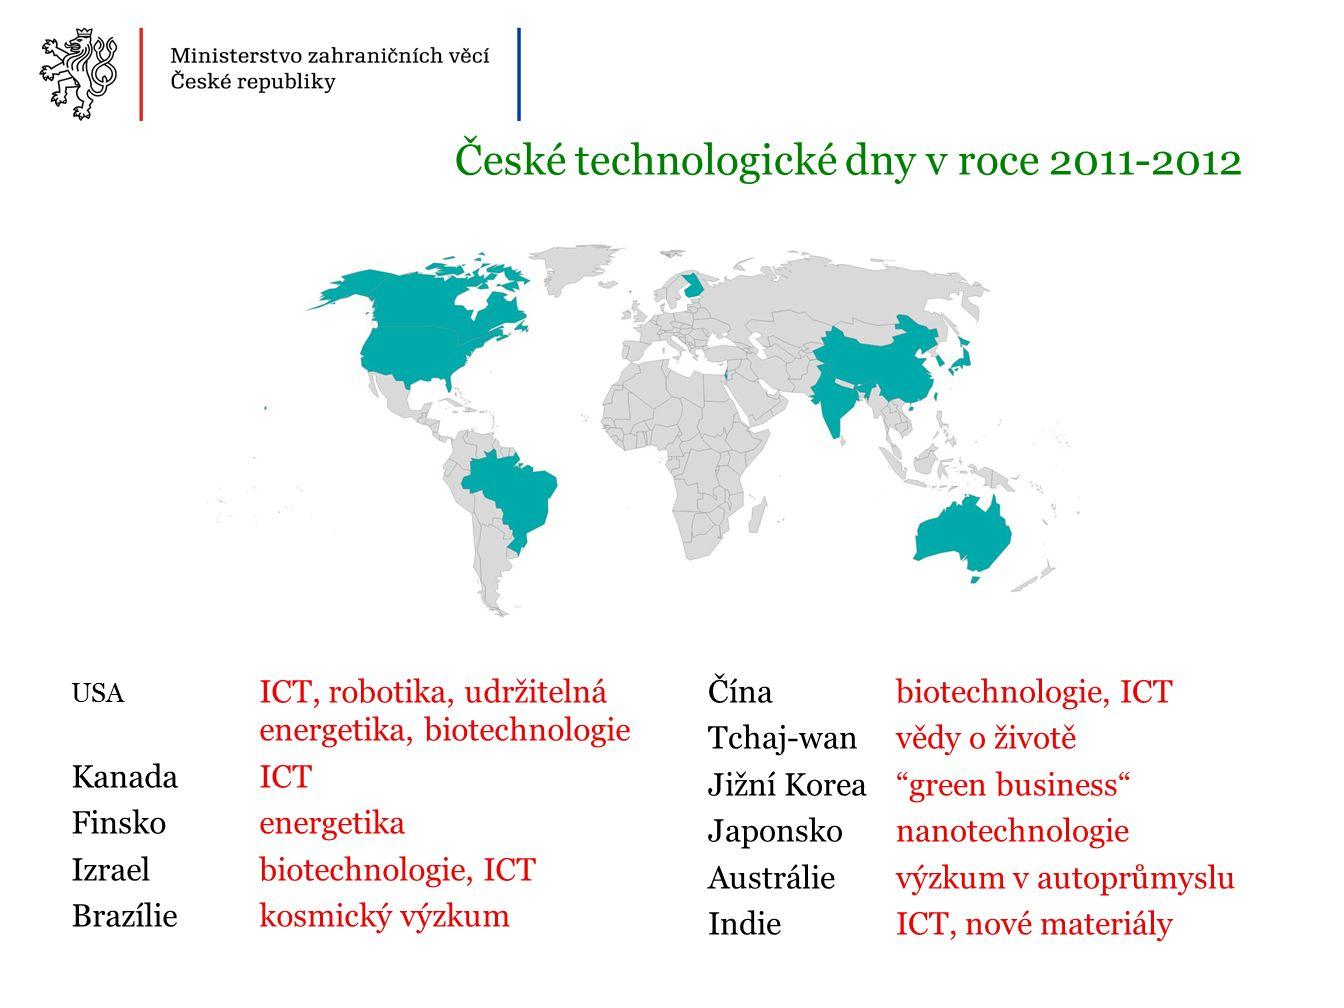 USA ICT, robotika, udržitelná energetika, biotechnologie Kanada ICT Finsko energetika Izrael biotechnologie, ICT Brazíliekosmický výzkum Čínabiotechnologie, ICT Tchaj-wan vědy o životě Jižní Korea green business Japonsko nanotechnologie Austrálie výzkum v autoprůmyslu Indie ICT, nové materiály České technologické dny v roce 2011-2012